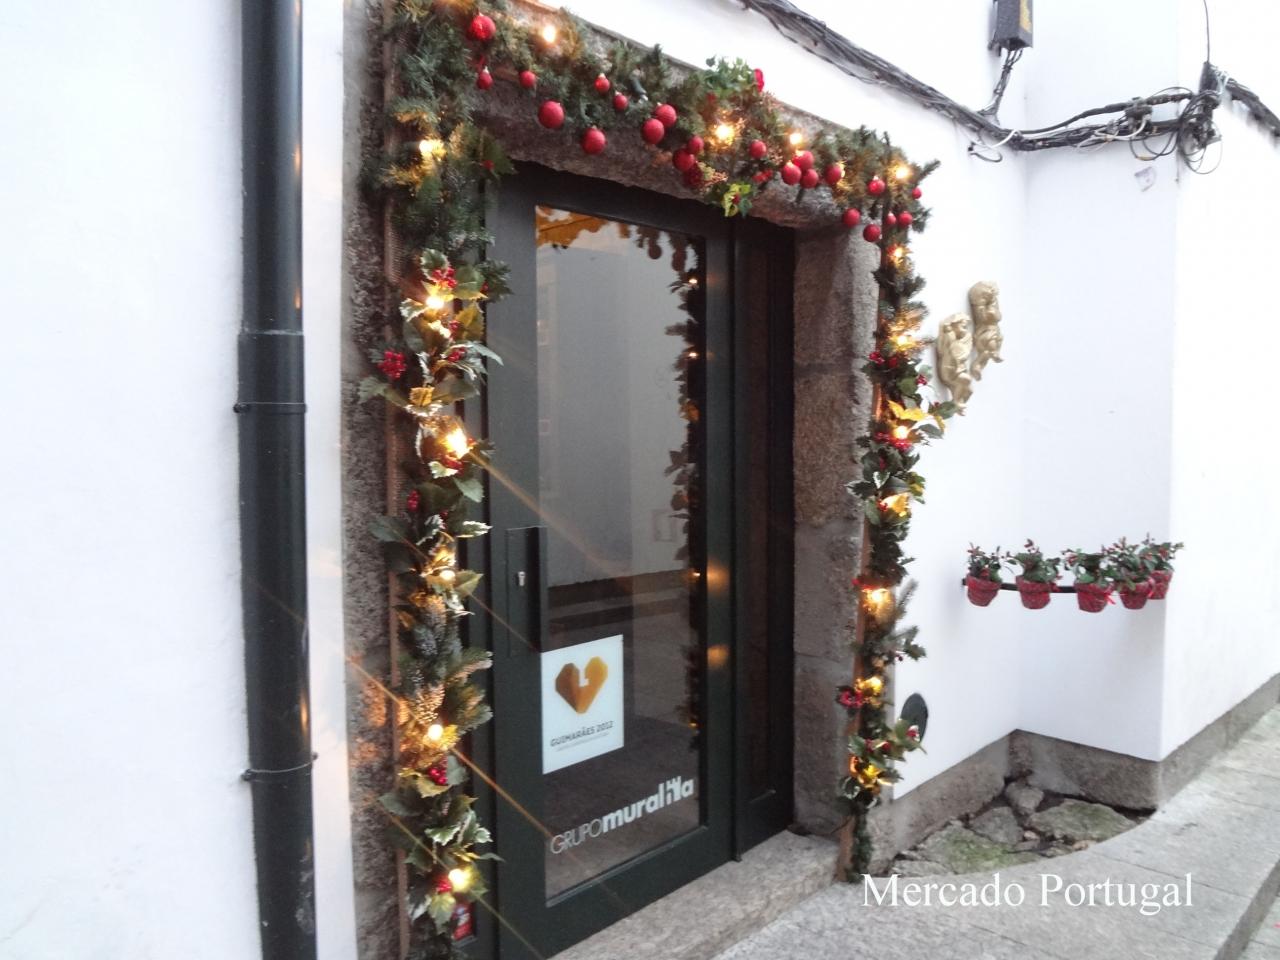 クリスマスから年末にかけて、可愛らしいイルミネーションも見ることができます。